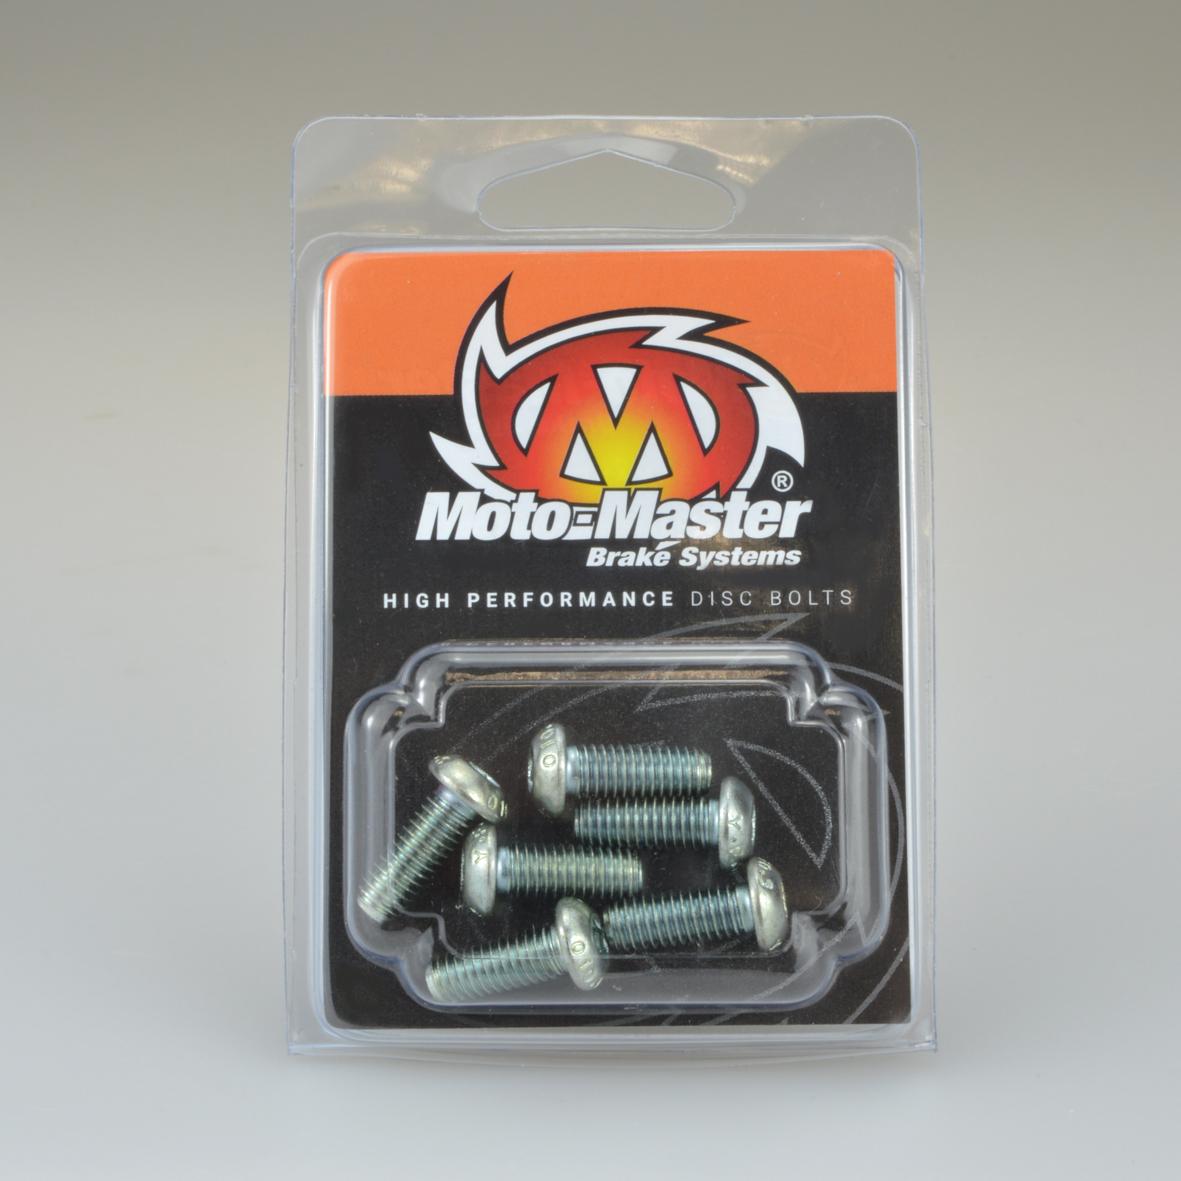 motomaster-disc-bolts-1.jpg#asset:14459